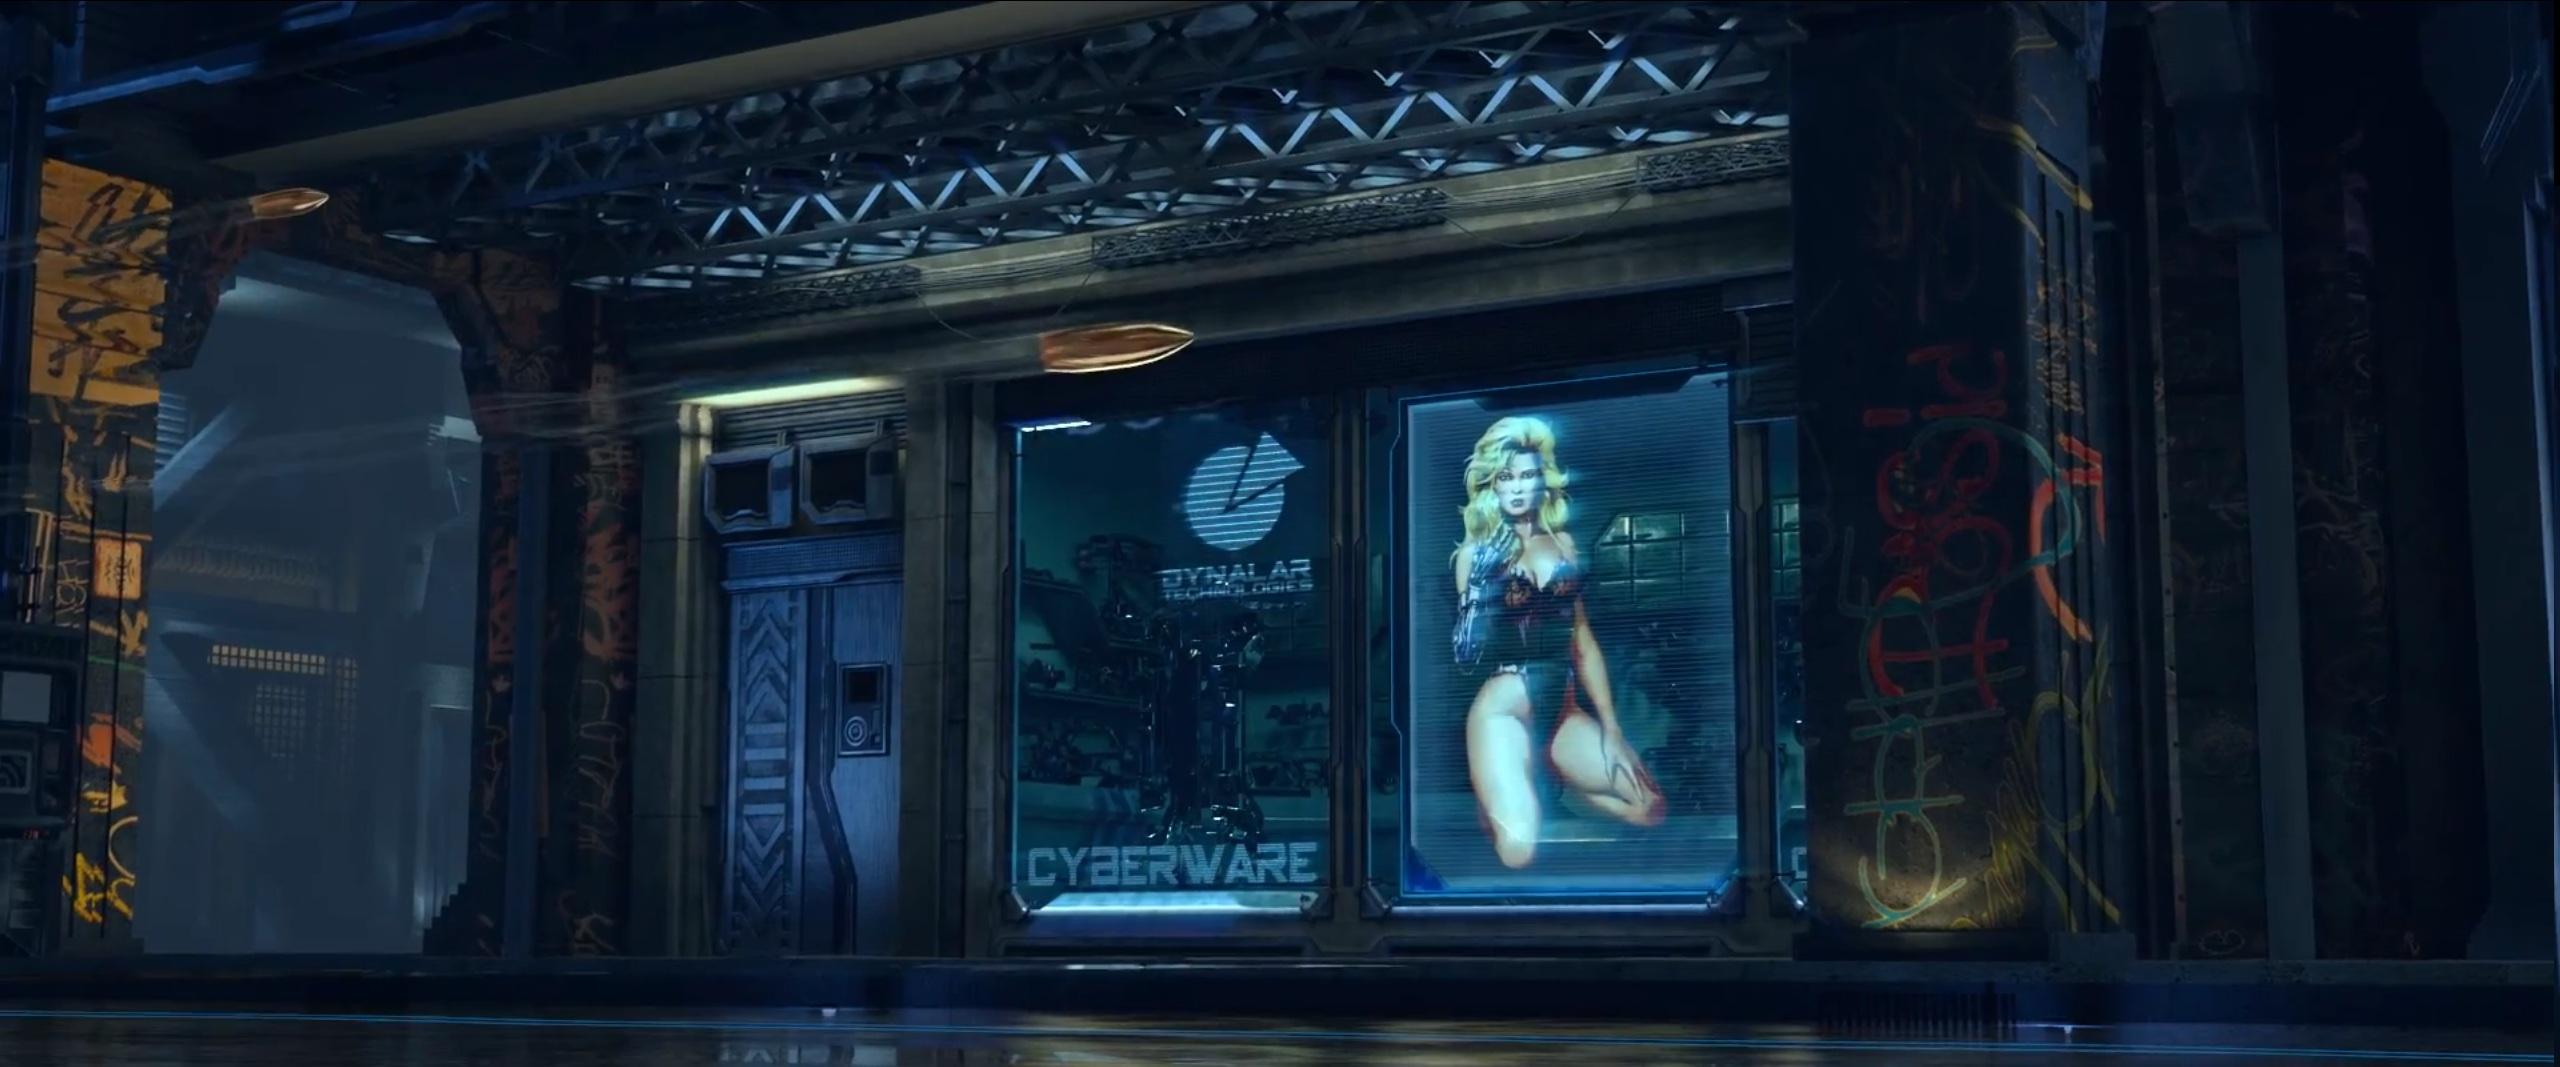 Xbox 2020 Cyberpunk 2077 Aims fo...